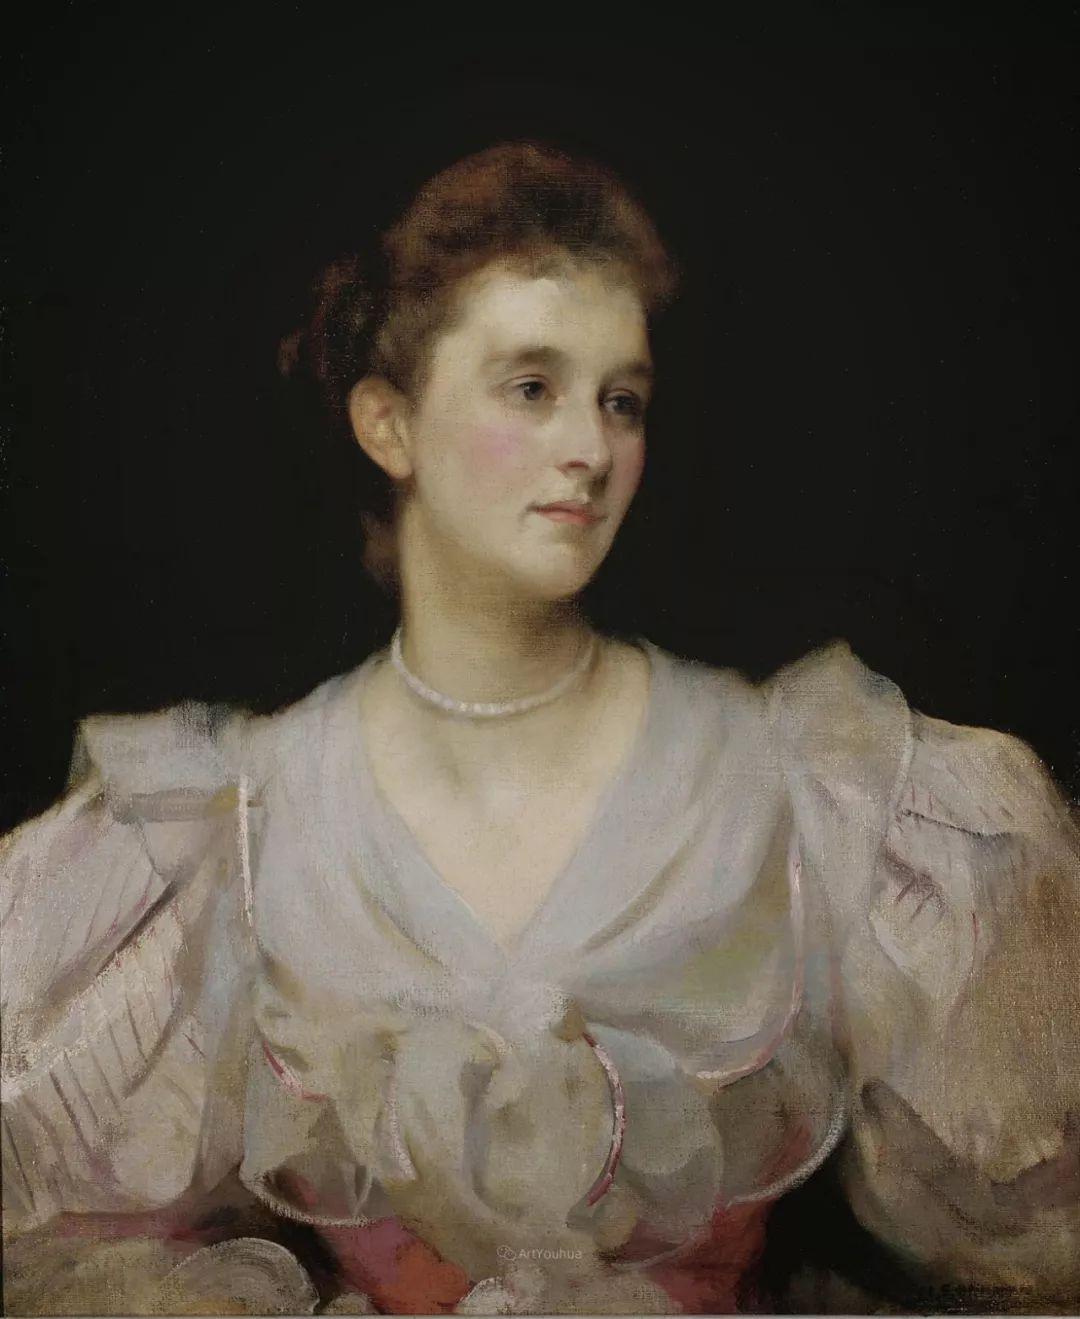 画家笔下苗条的女子,美丽优雅!英裔美国画家James Jebusa Shannon插图16